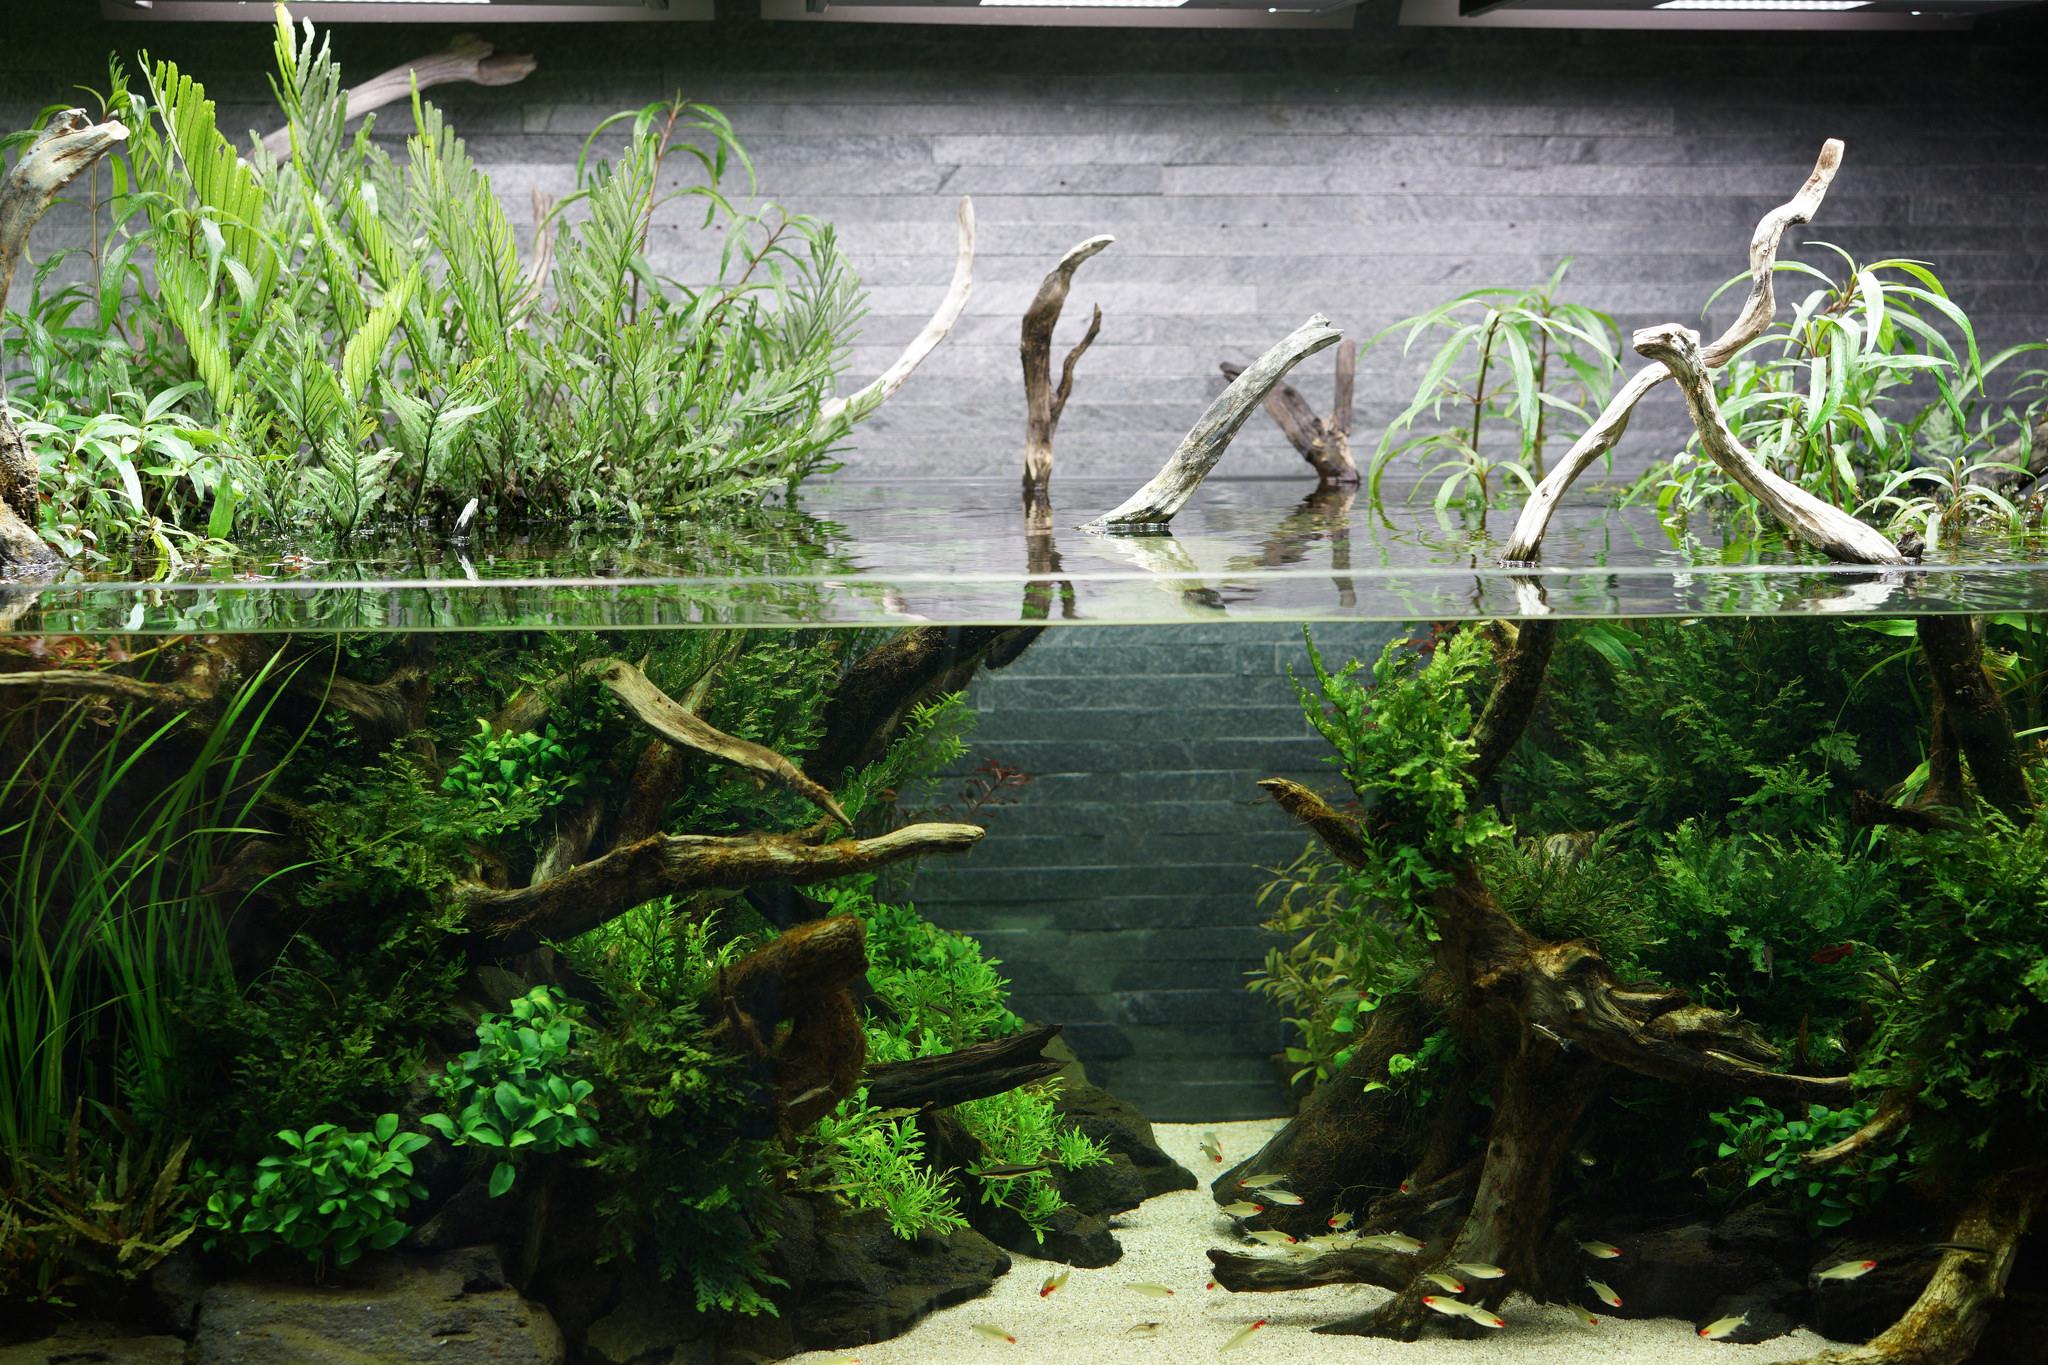 Как подготовить корягу для аквариума? Дизайн аквариума. Аквариум с корягой